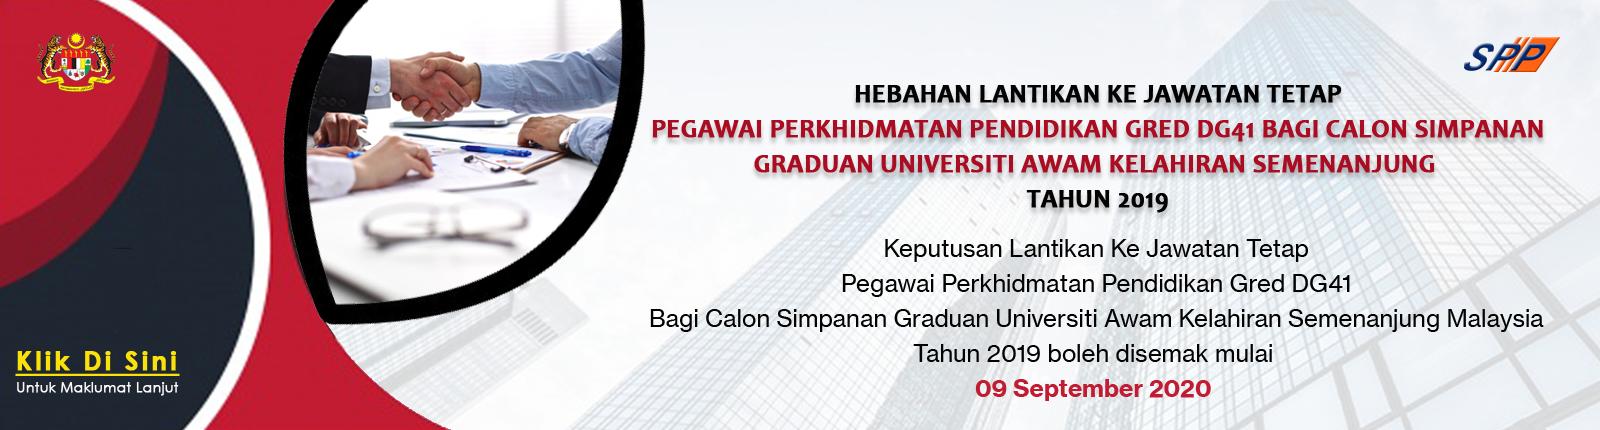 Portal Rasmi Suruhanjaya Perkhidmatan Pelajaran Utama